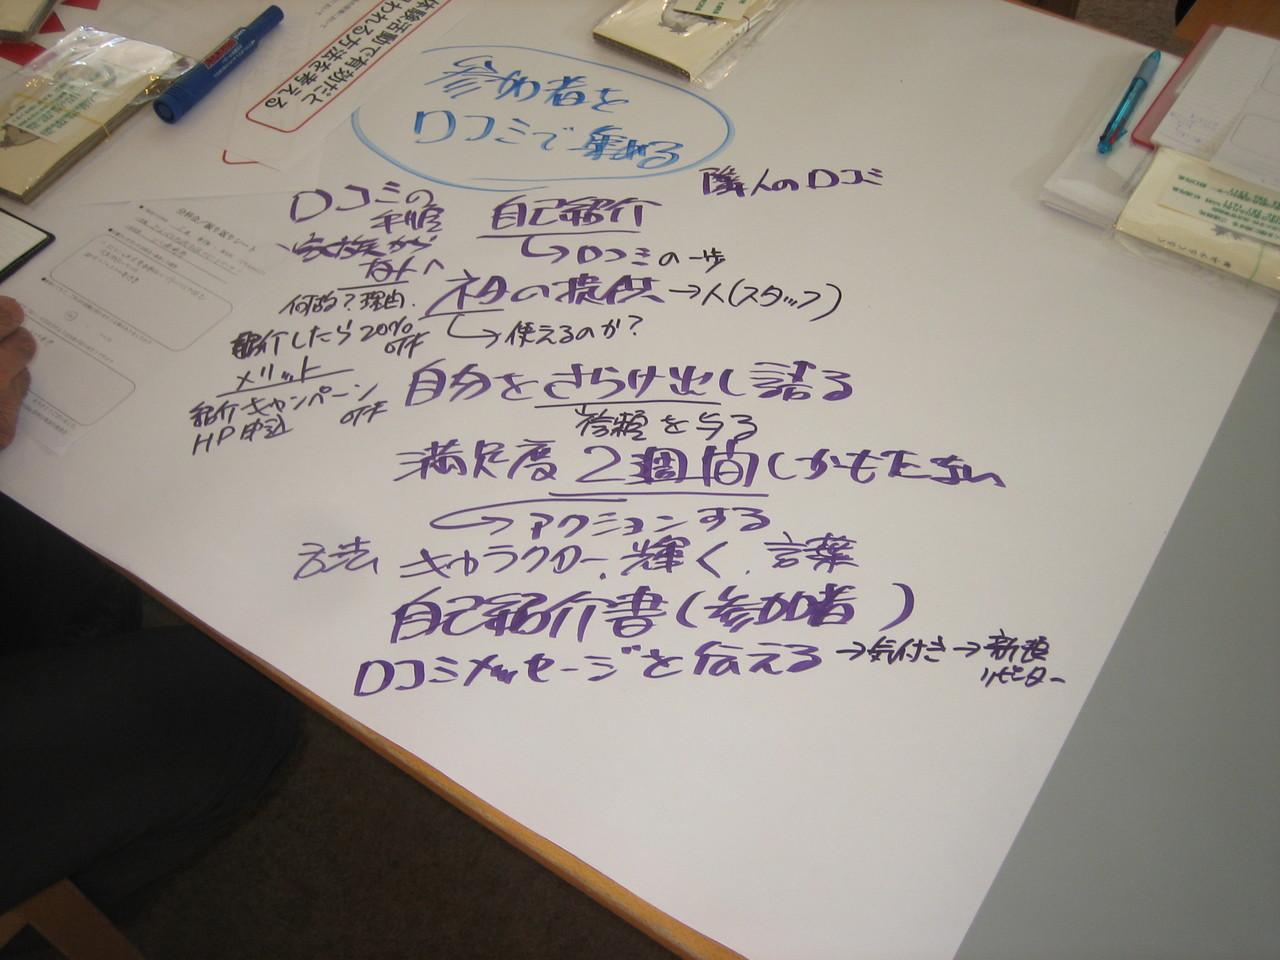 一つは体験活動の参加者を口コミで集める方法を選びました。